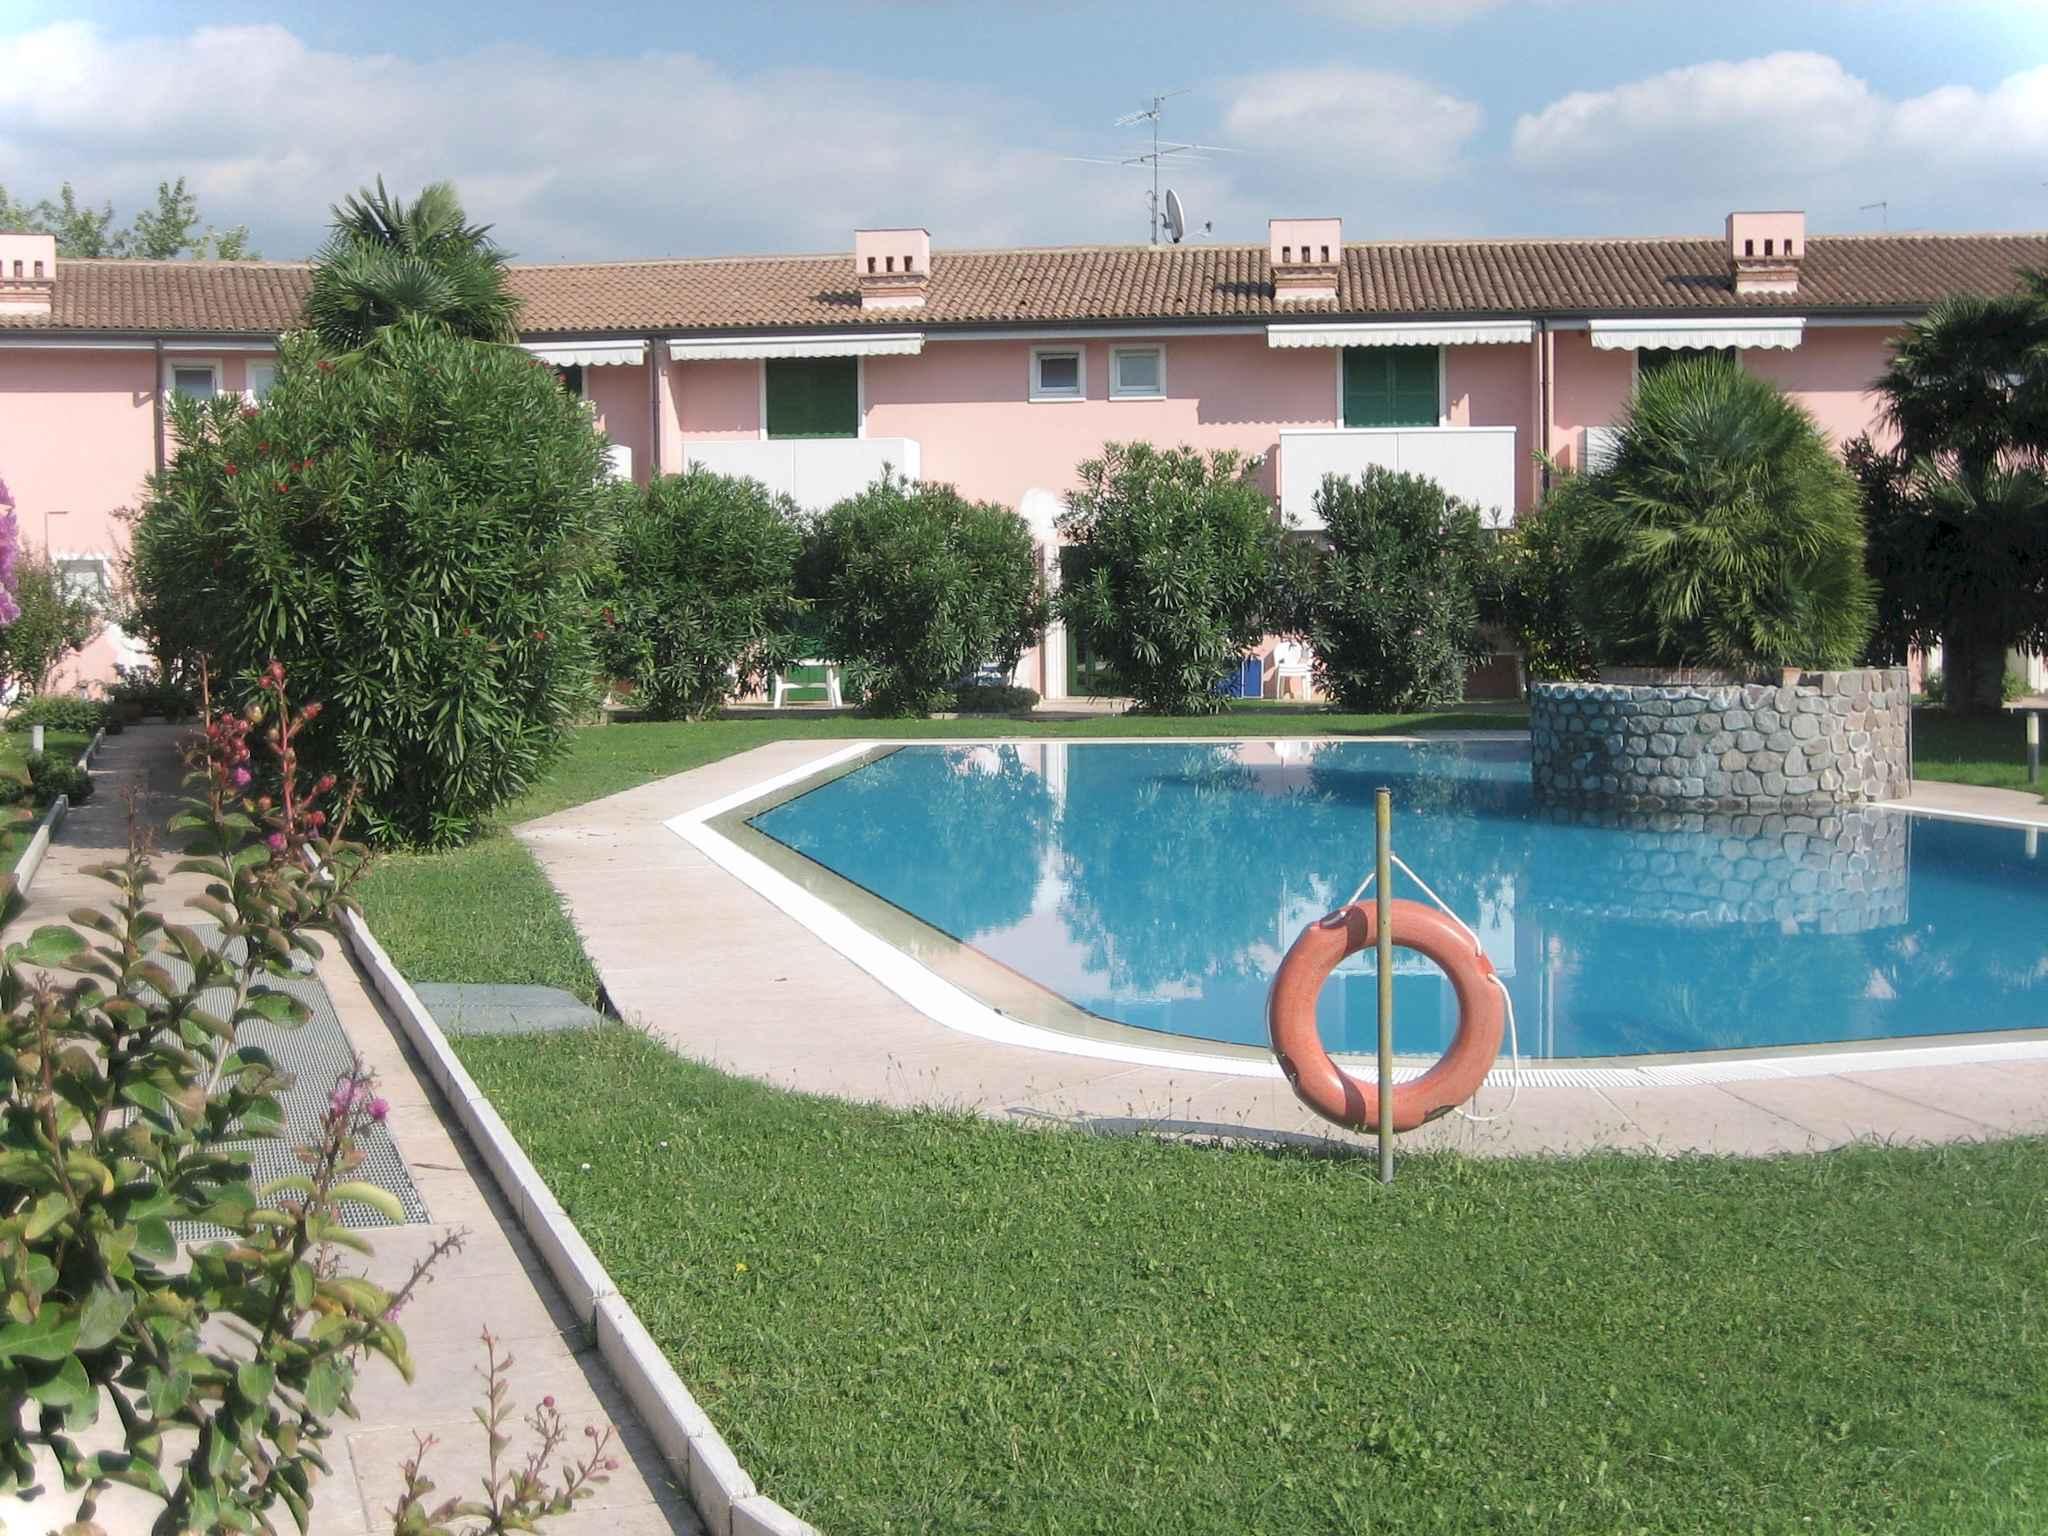 Ferienwohnung con balcone (479075), Lazise, Gardasee, Venetien, Italien, Bild 5